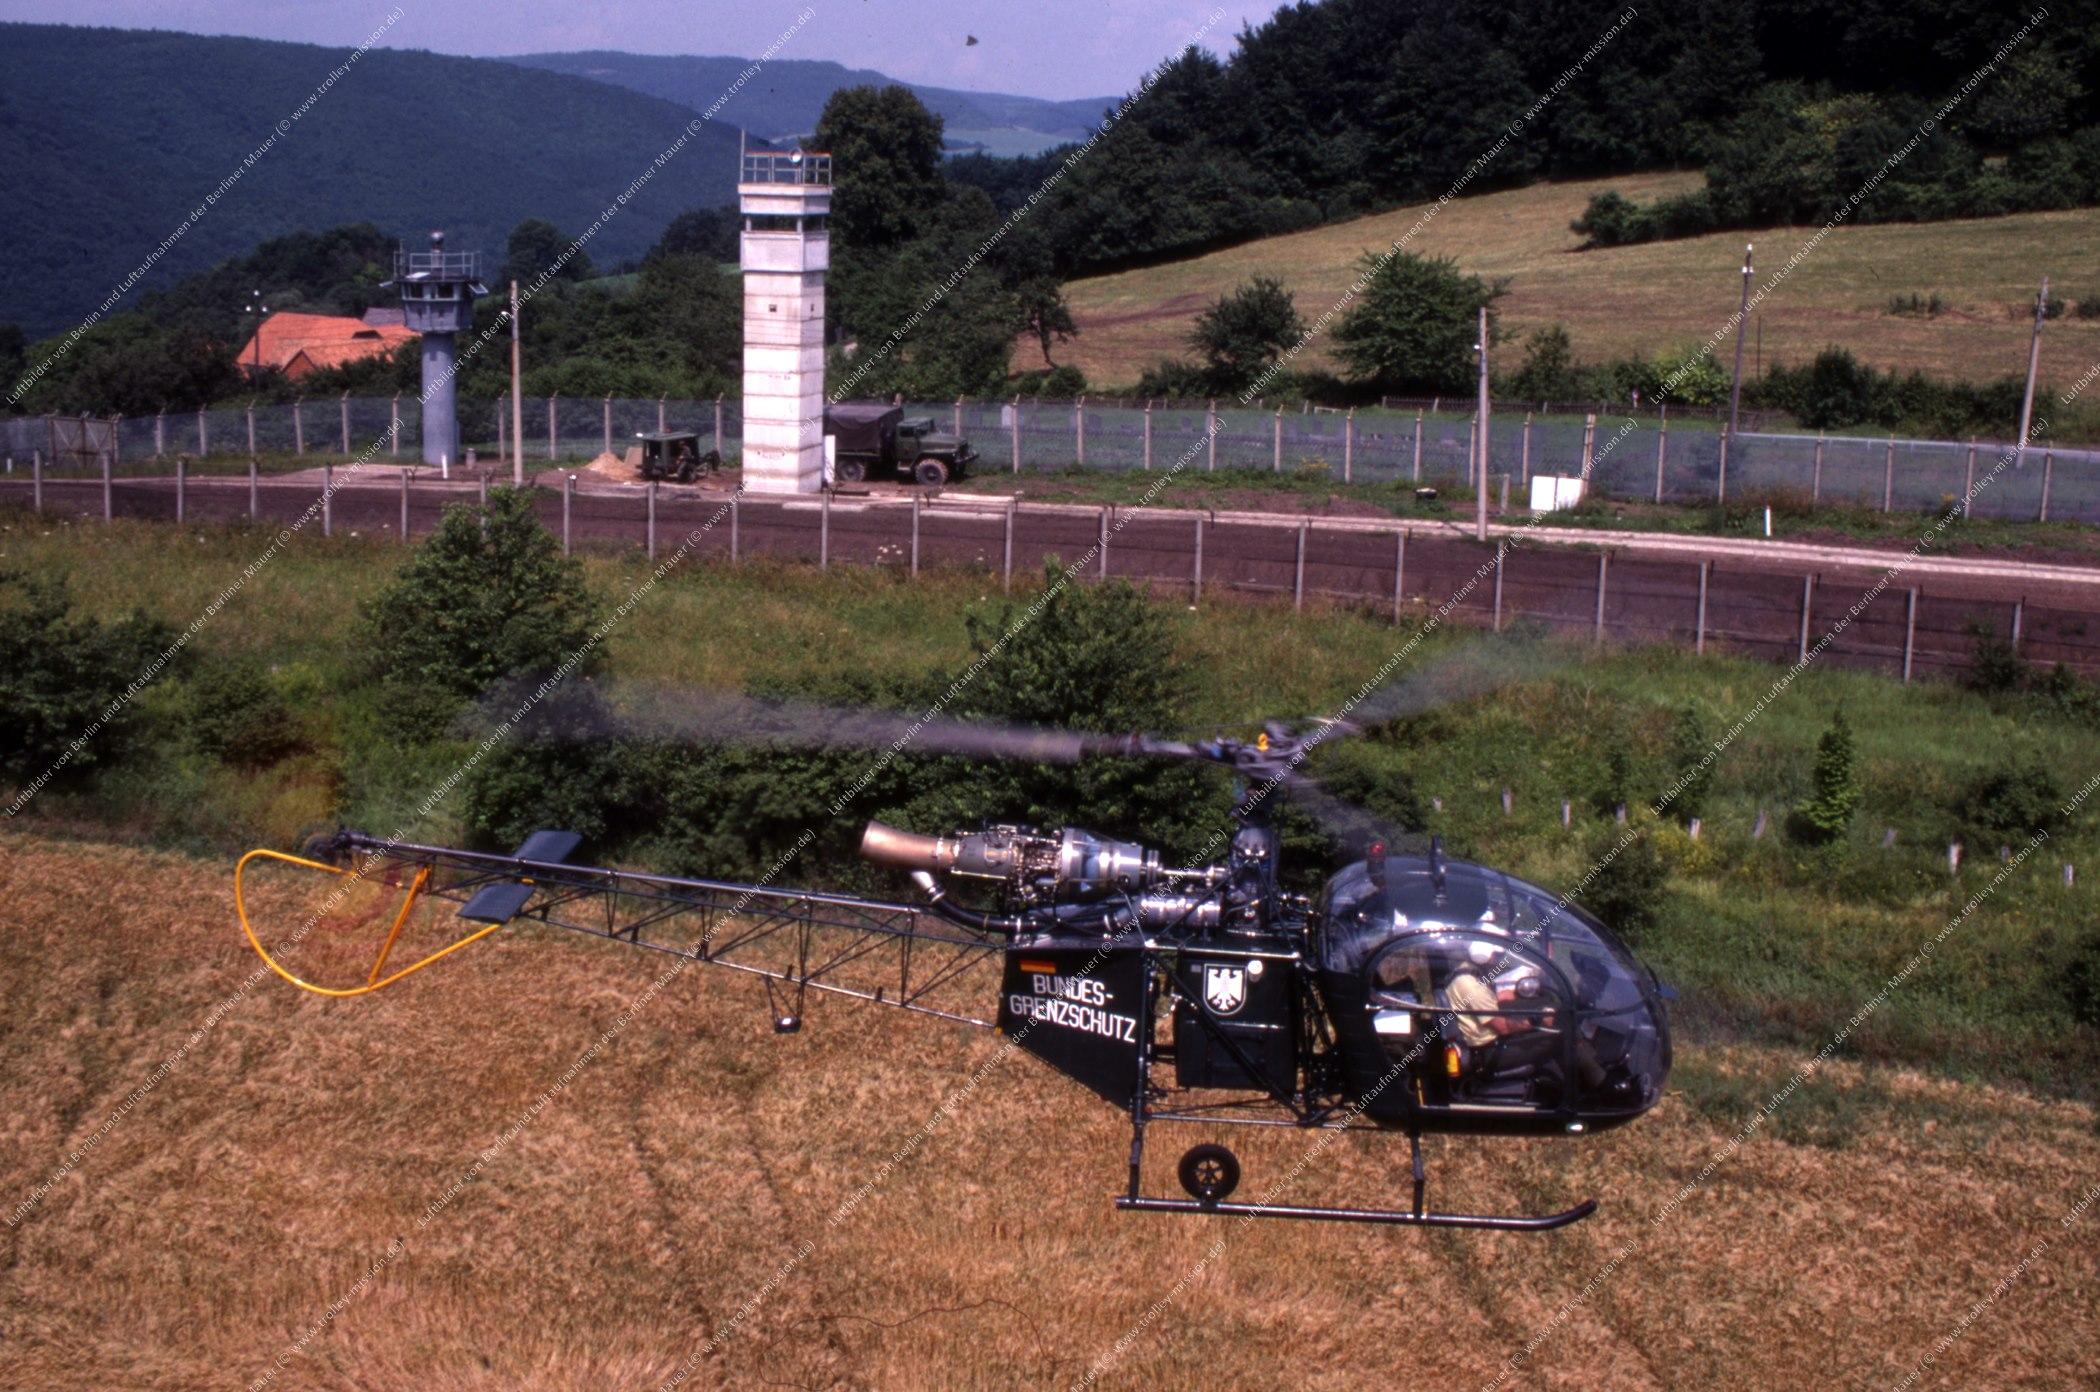 Vermutlich innerdeutsche Grenze (BRD/DDR) Hubschrauber und Bundesgrenzschutz (Bild 120)